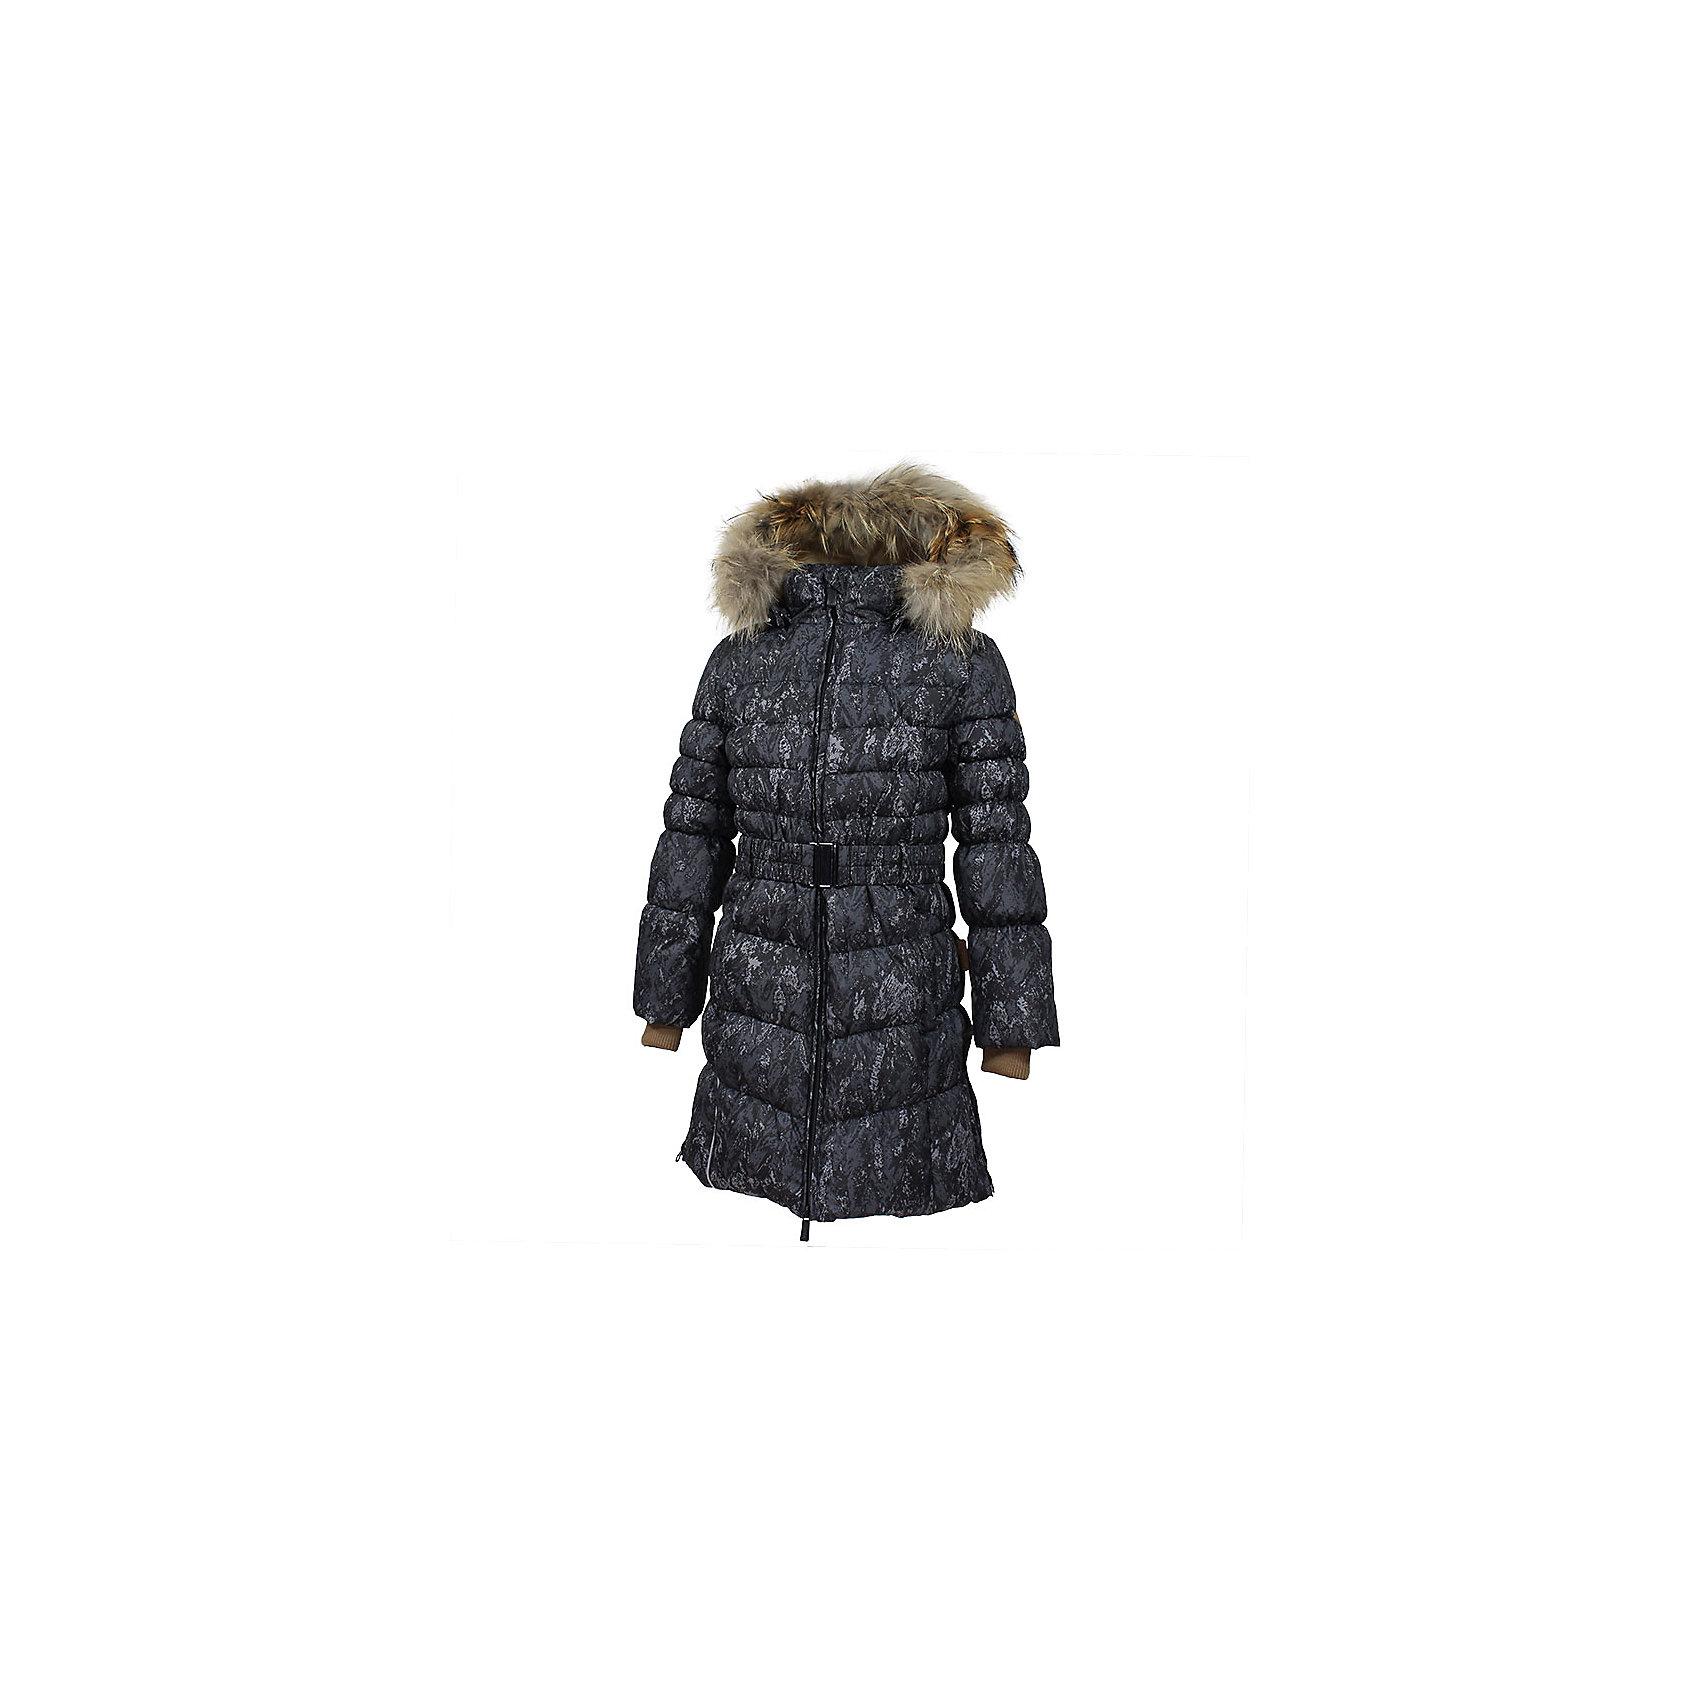 Пальто YASMINE Huppa для девочкиПальто и плащи<br>Пальто для девочек YASMINE.Водо и воздухонепроницаемость 5 000.Утеплитель 50% пух, 50% перо.Подкладка тафта 100% полиэстер.Карманы на молнии.Двухсторонняя молния.Съемный капюшон с отстегивающимся мехом.Внутренний манжет рукава. Имеются светоотажательные элементы.<br>Состав:<br>100% Полиэстер<br><br>Ширина мм: 356<br>Глубина мм: 10<br>Высота мм: 245<br>Вес г: 519<br>Цвет: черный<br>Возраст от месяцев: 36<br>Возраст до месяцев: 48<br>Пол: Женский<br>Возраст: Детский<br>Размер: 104<br>SKU: 7025317